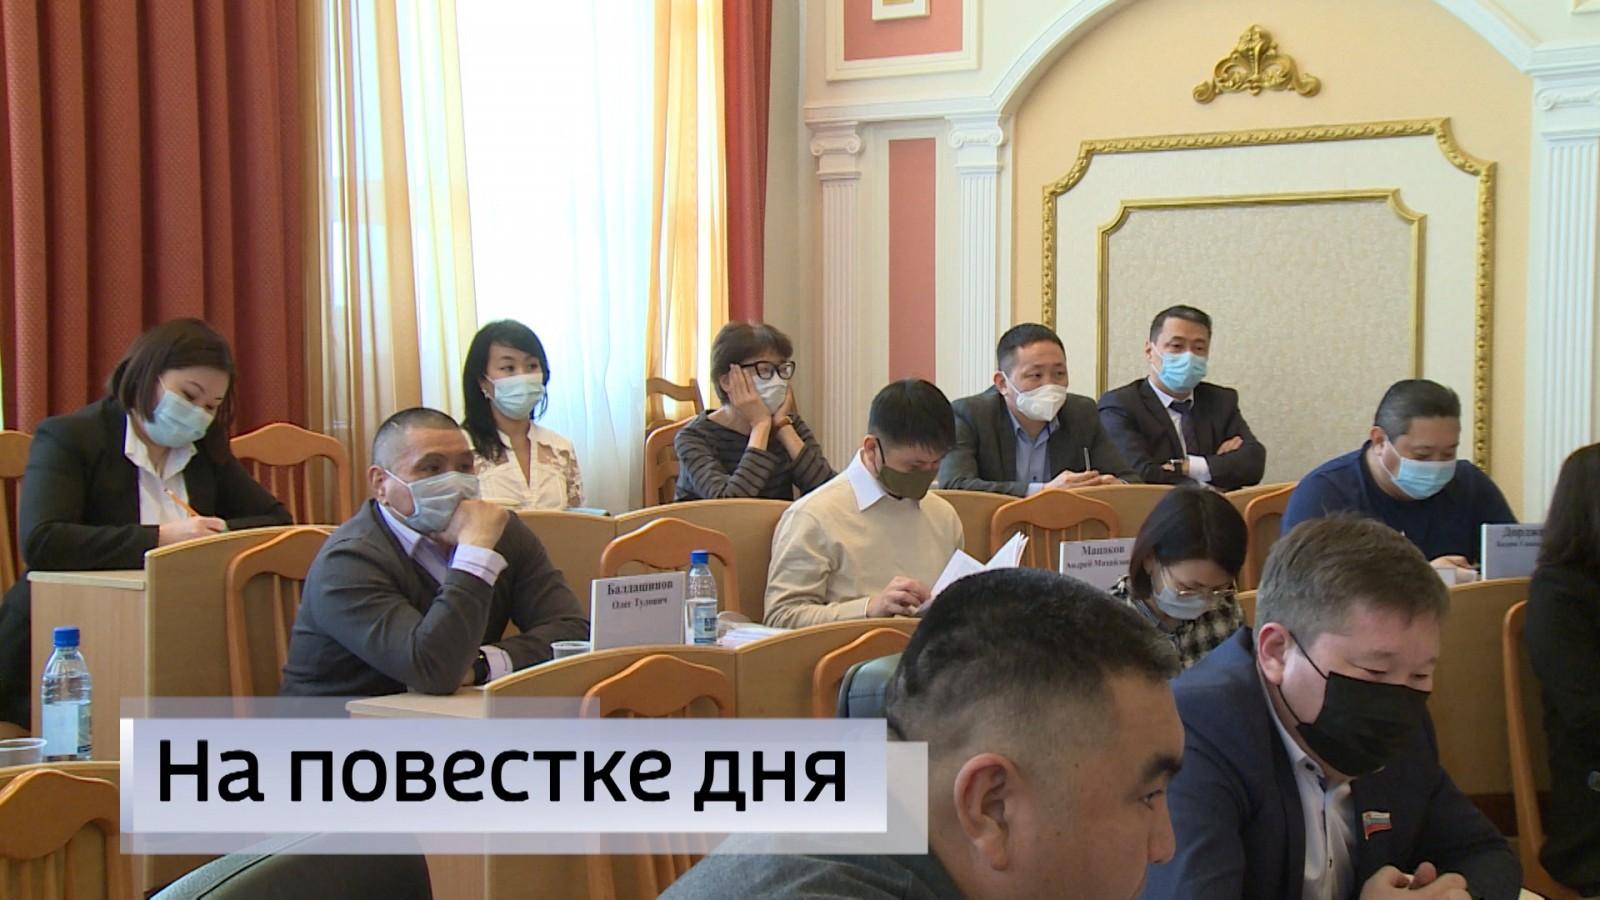 Около трехсот обращений граждан поступило депутатам Элистинского городского собрания и в адрес главы столицы за прошлый год